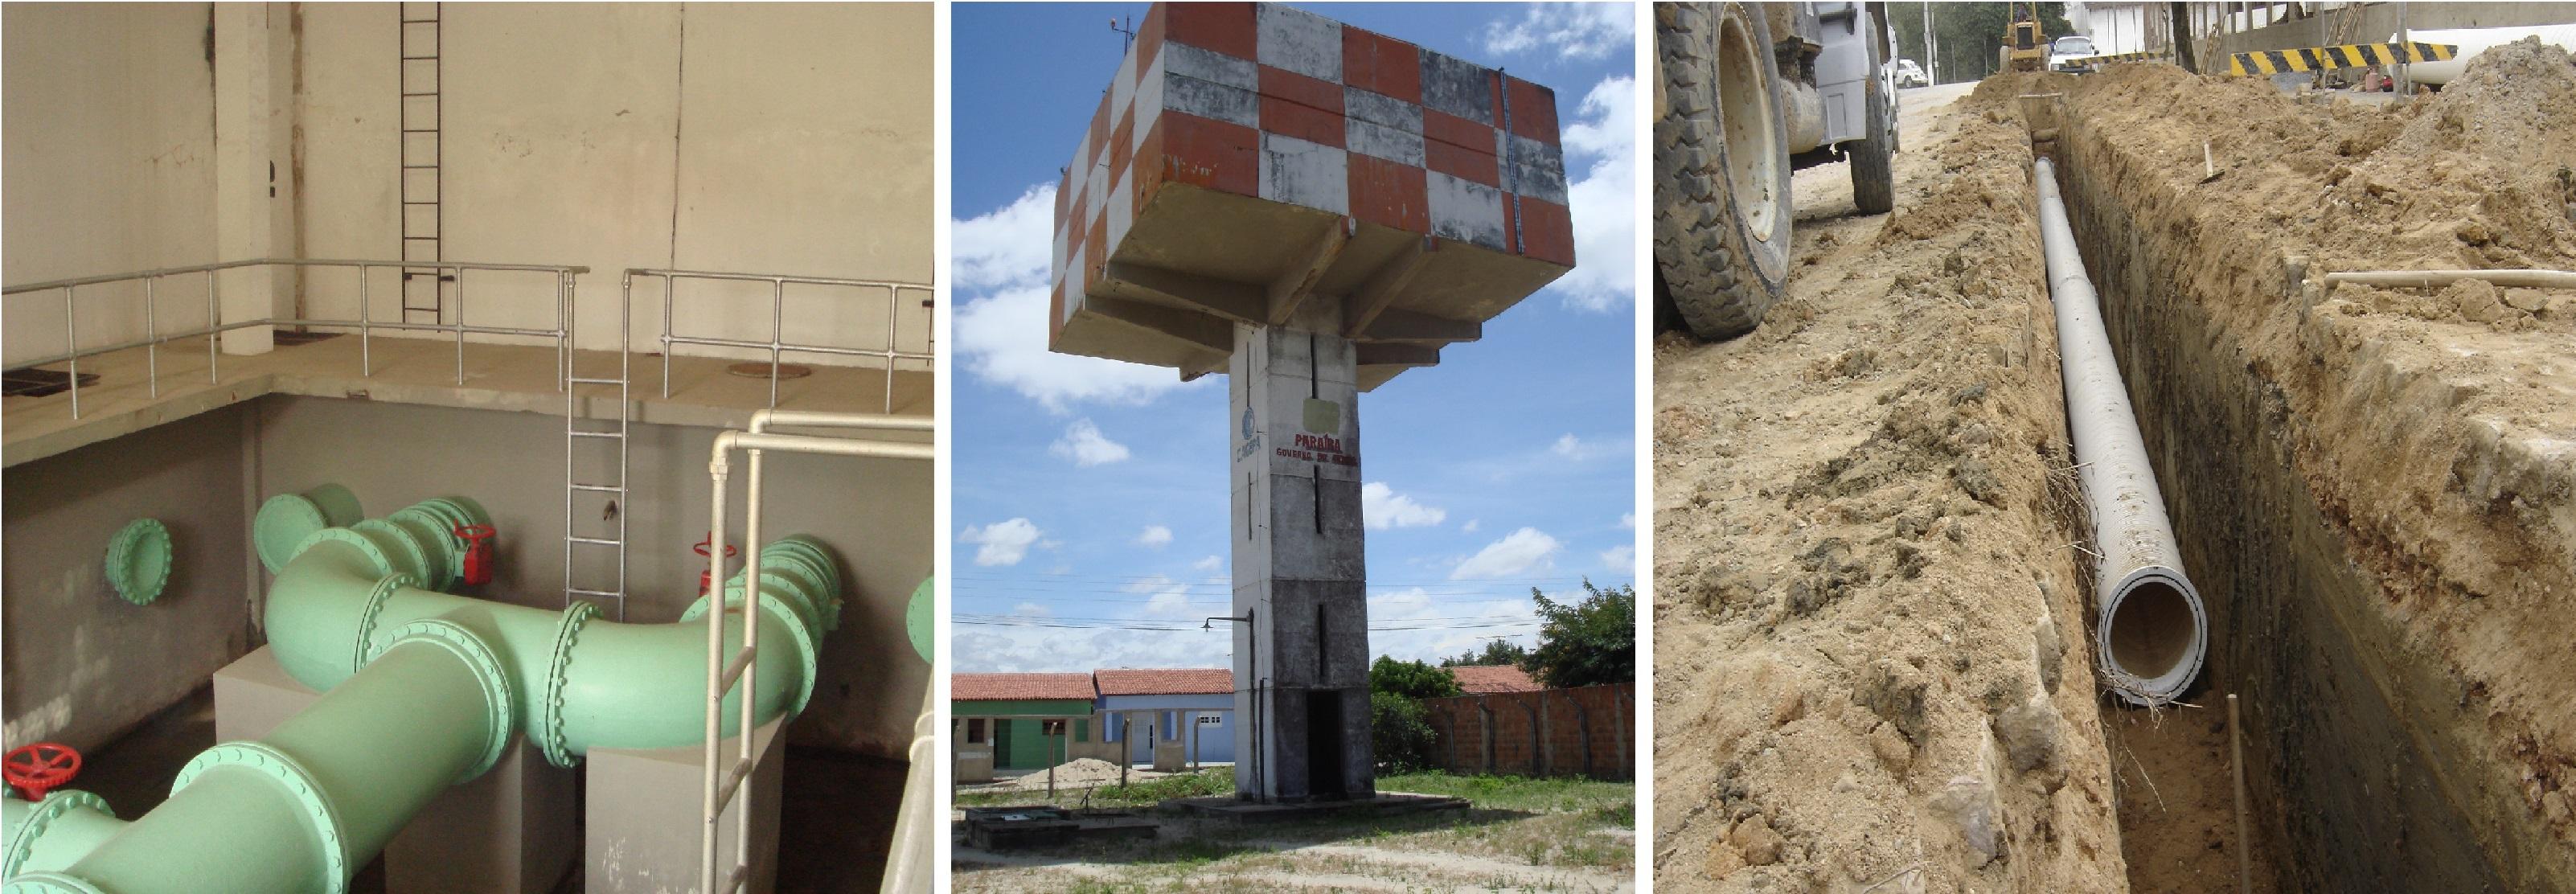 Projetos de saneamento básico: